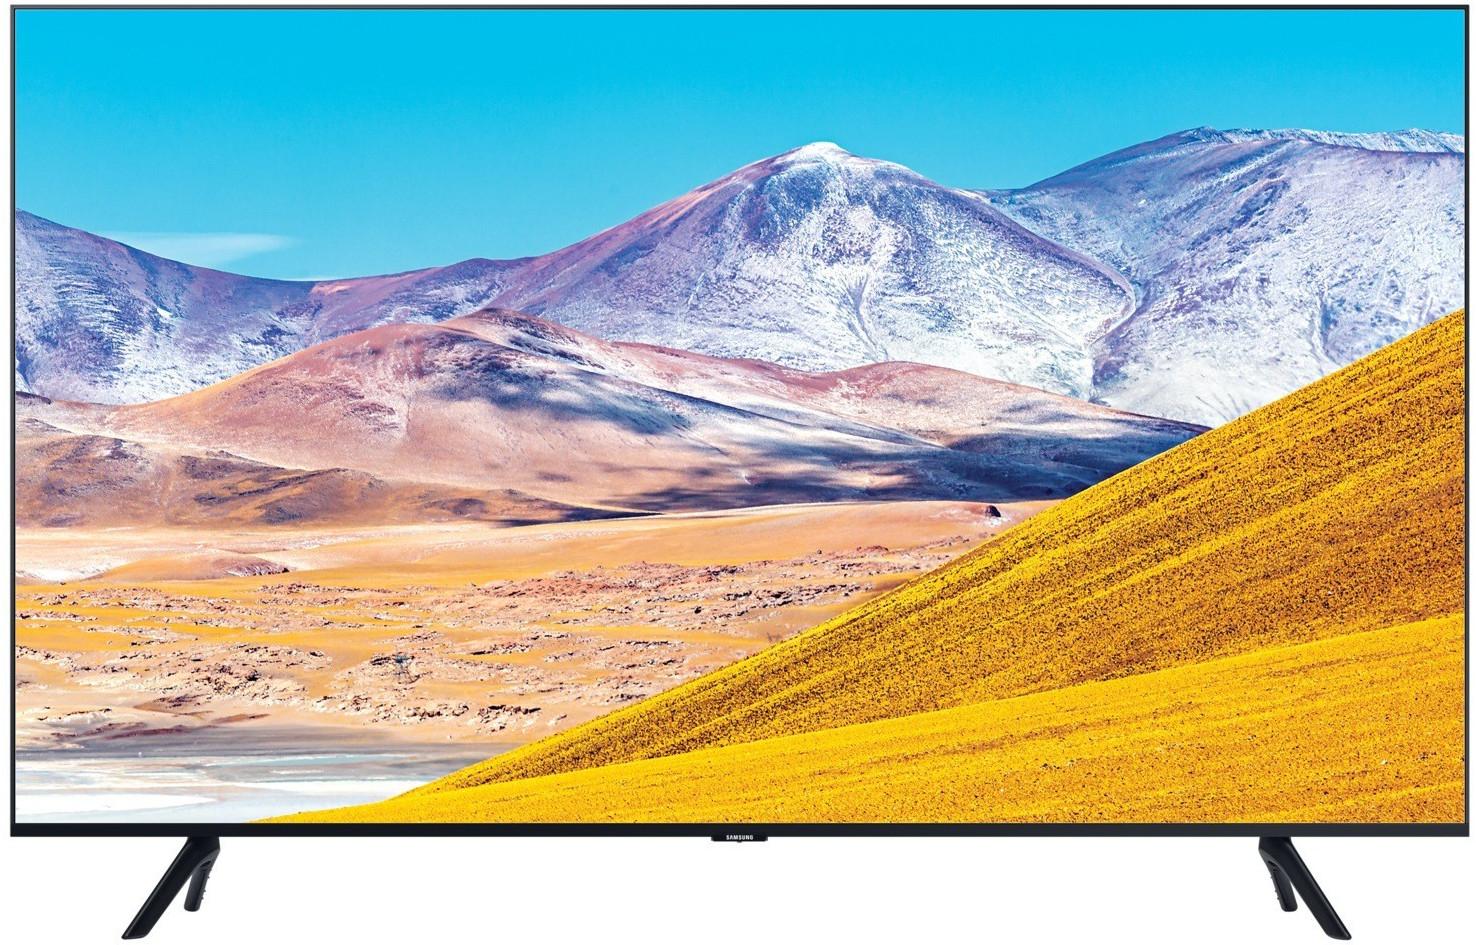 """TV 65"""" Samsung UE65TU8005 - 4K UHD, LED, Smart TV, Tizen OS (+ 79.9€ en Rakuten Points) - Boulanger"""